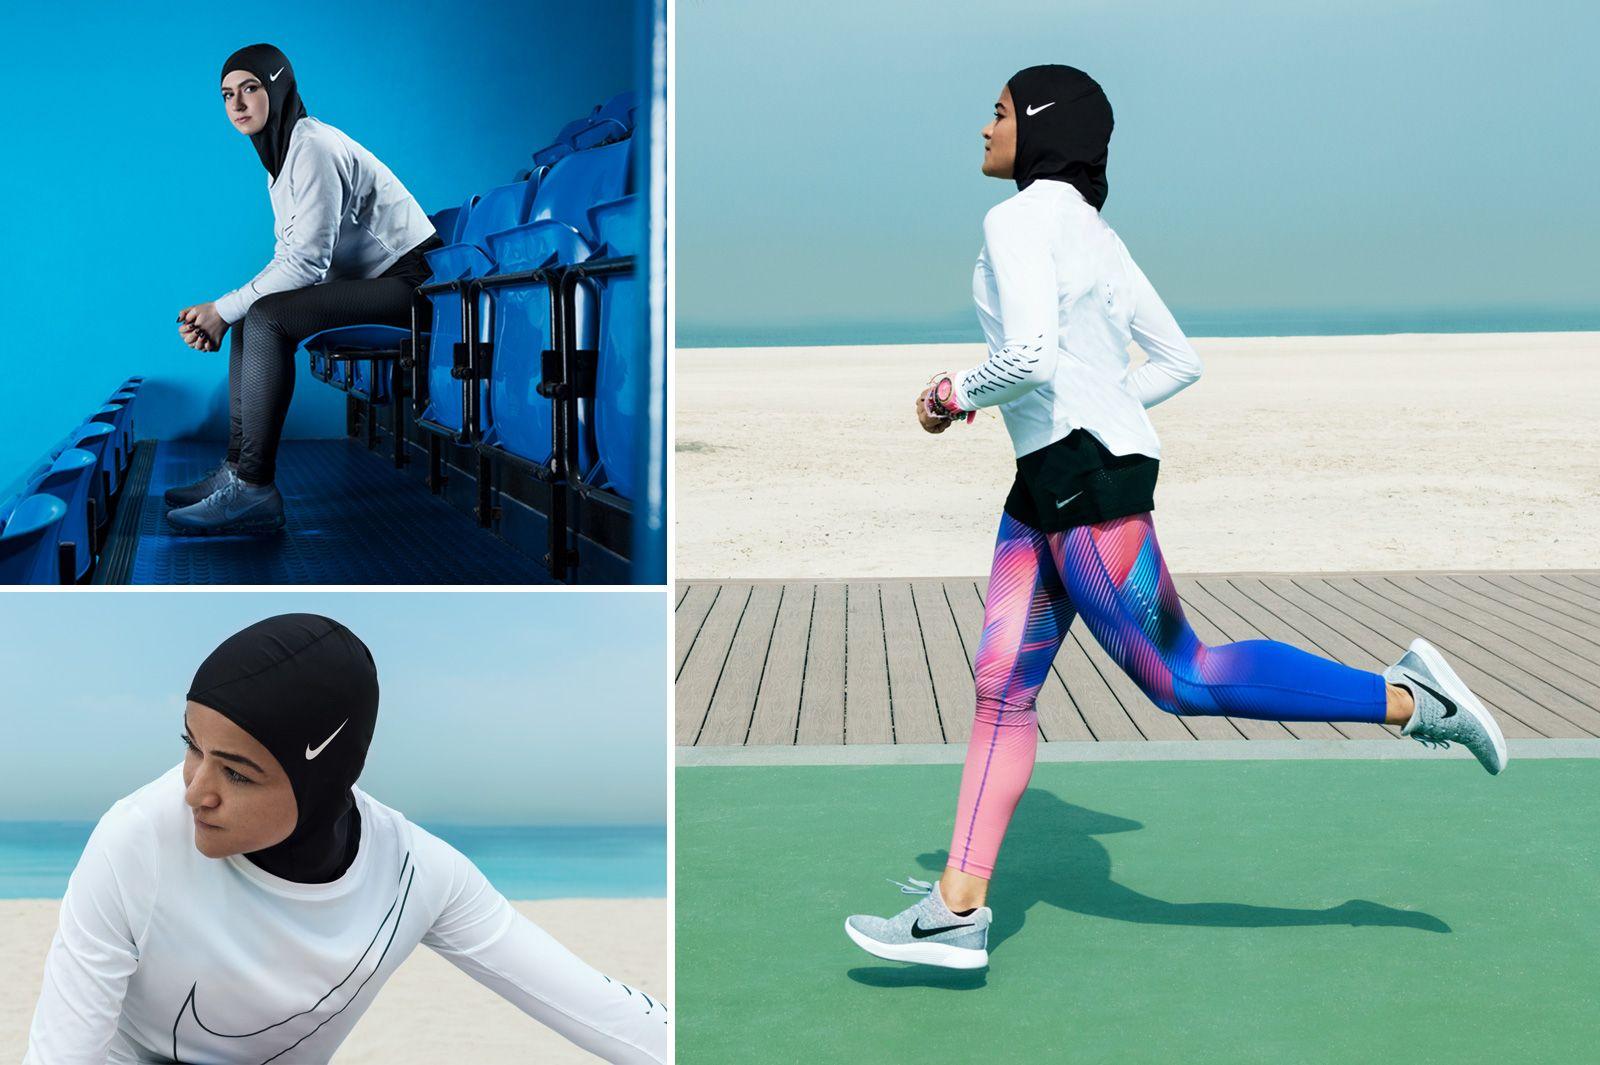 La Nike lanza al mercado el polémico velo para las mujeres